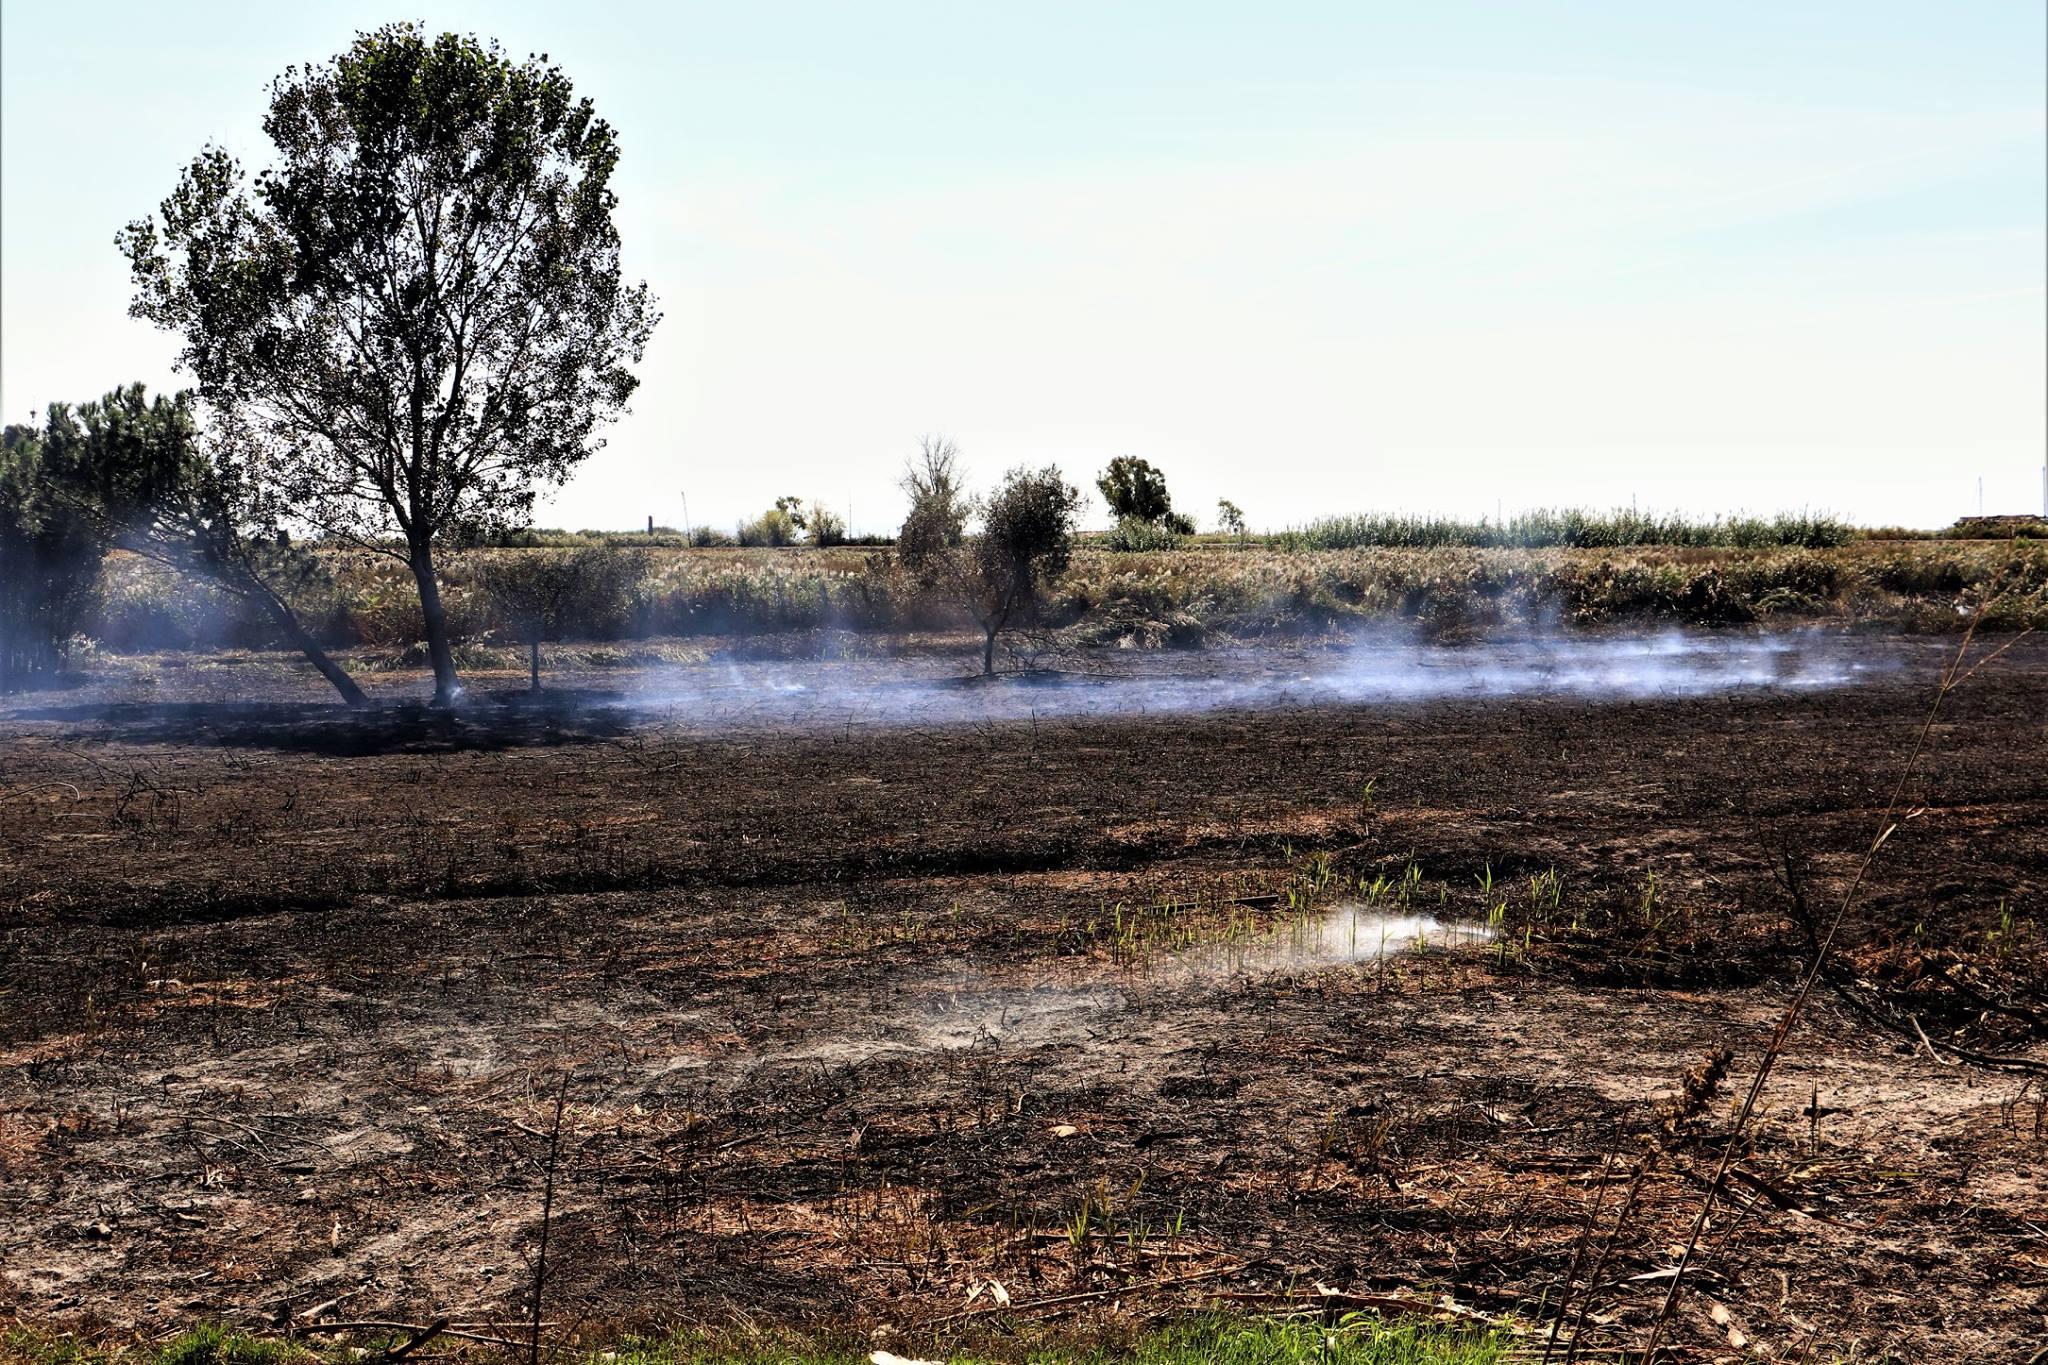 Incendio in padule alle cave di Bozzano, campionamento dei fumi da parte di Arpat